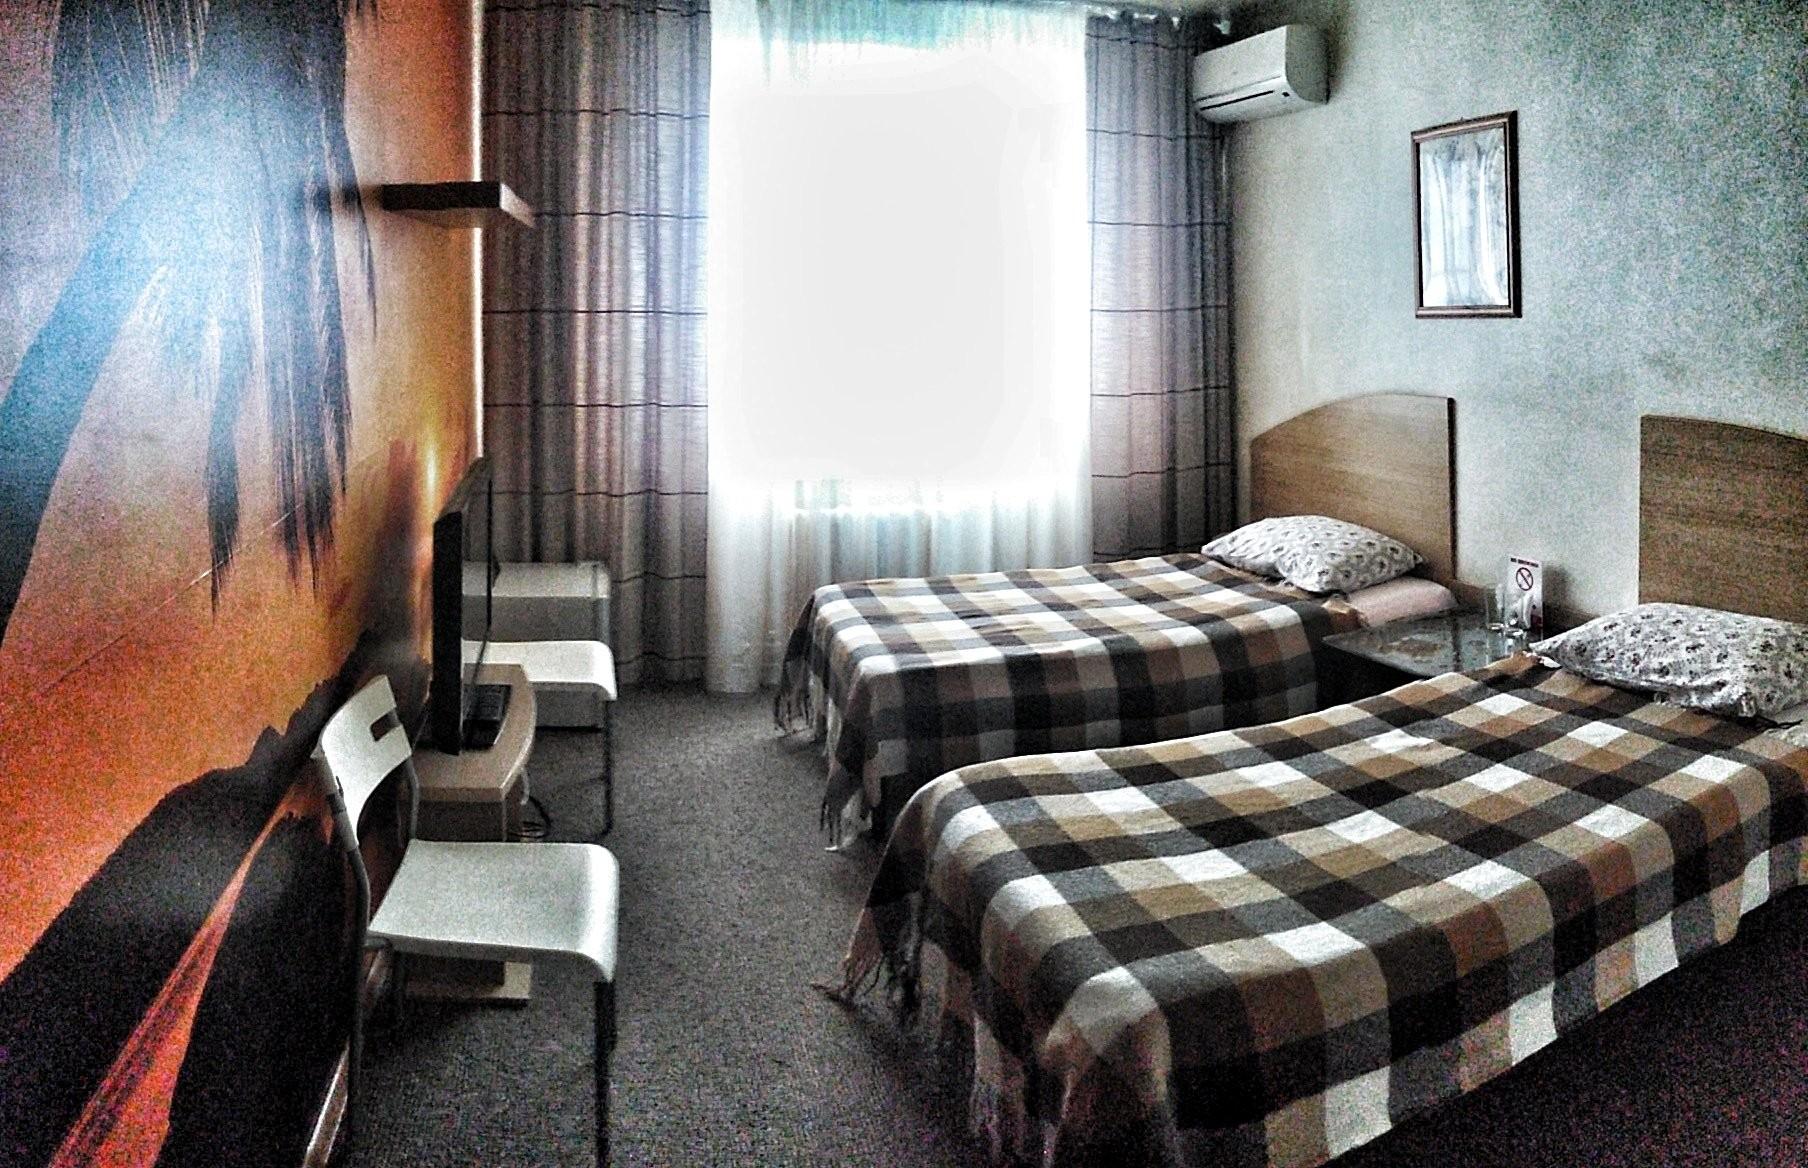 Мальта, гостиничный комплекс - №3